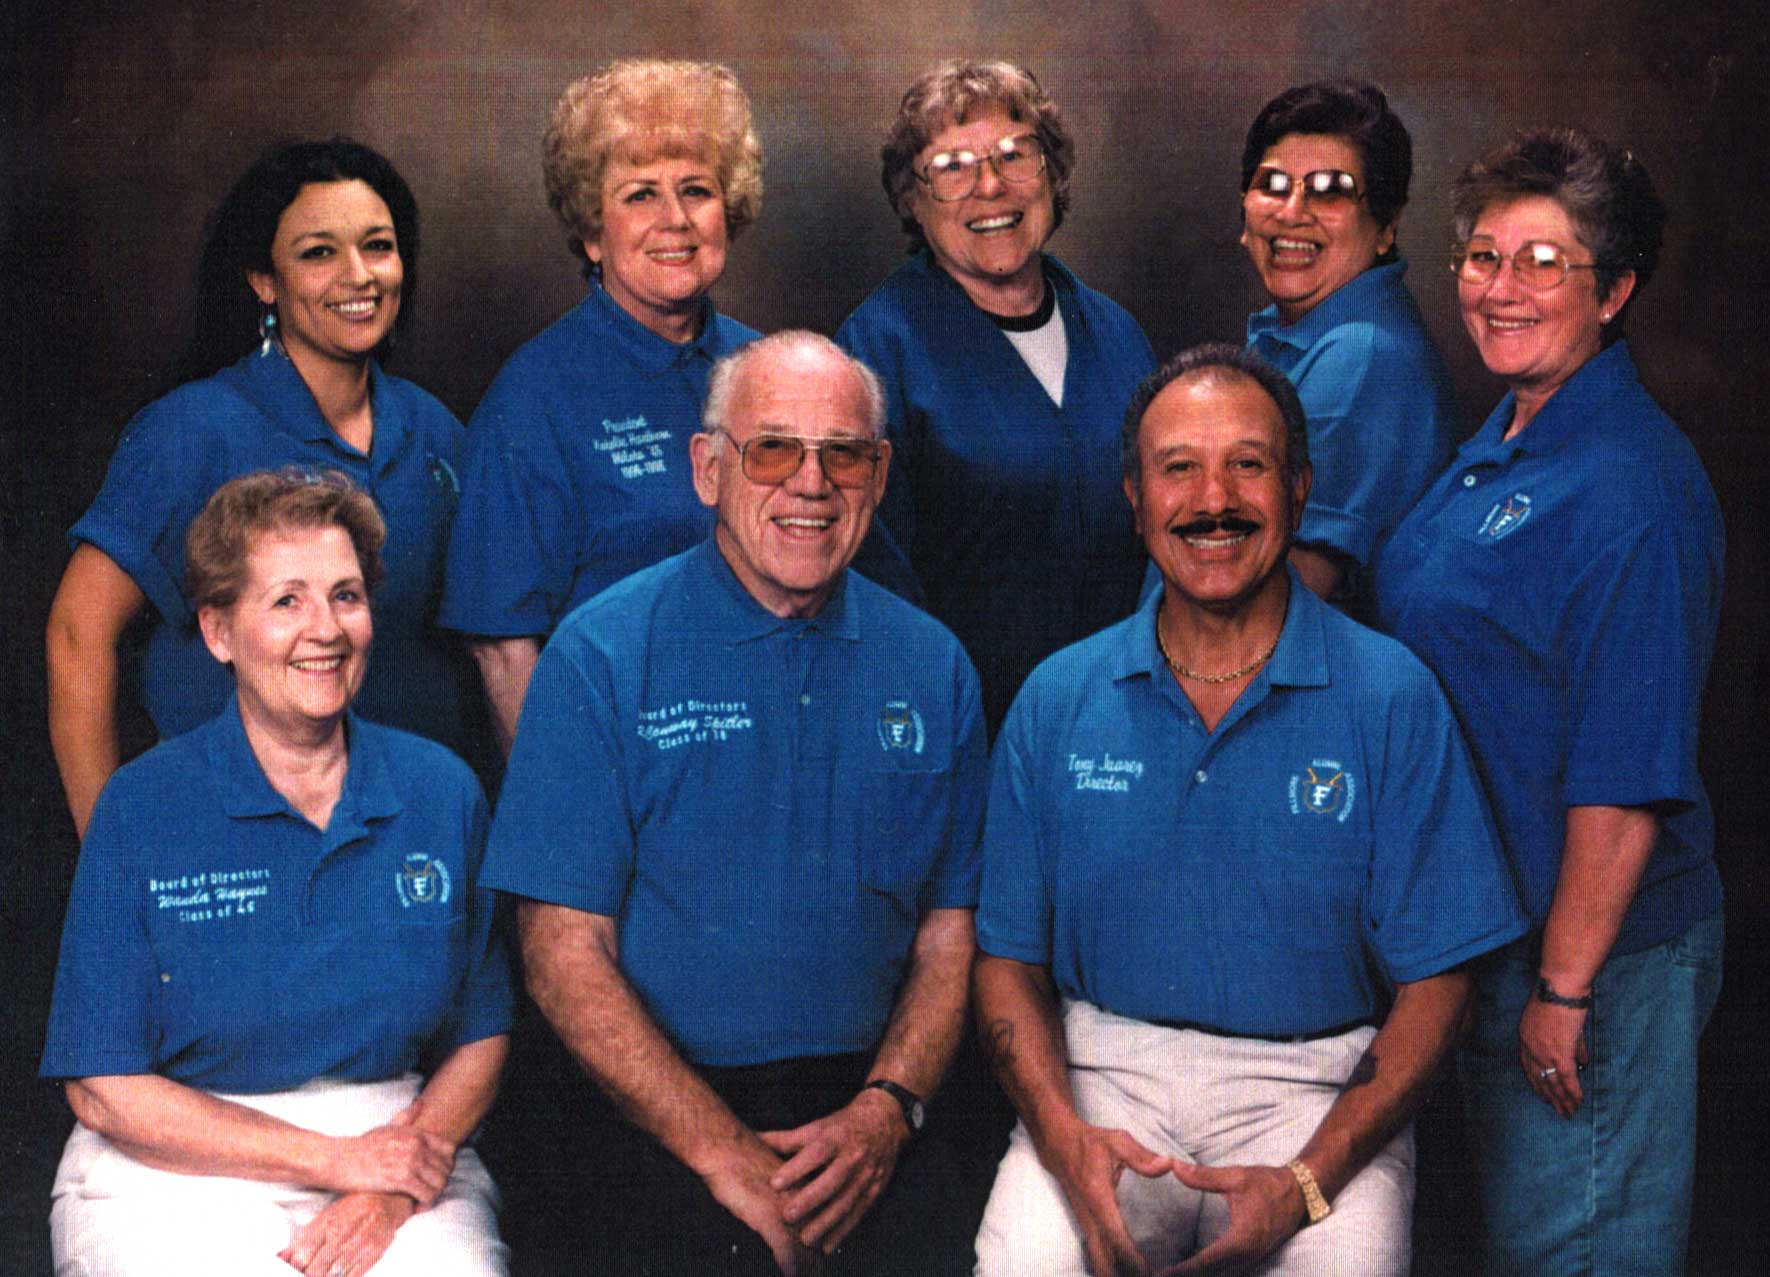 Photo. Circa 1980's. Alumni Board of Directors.